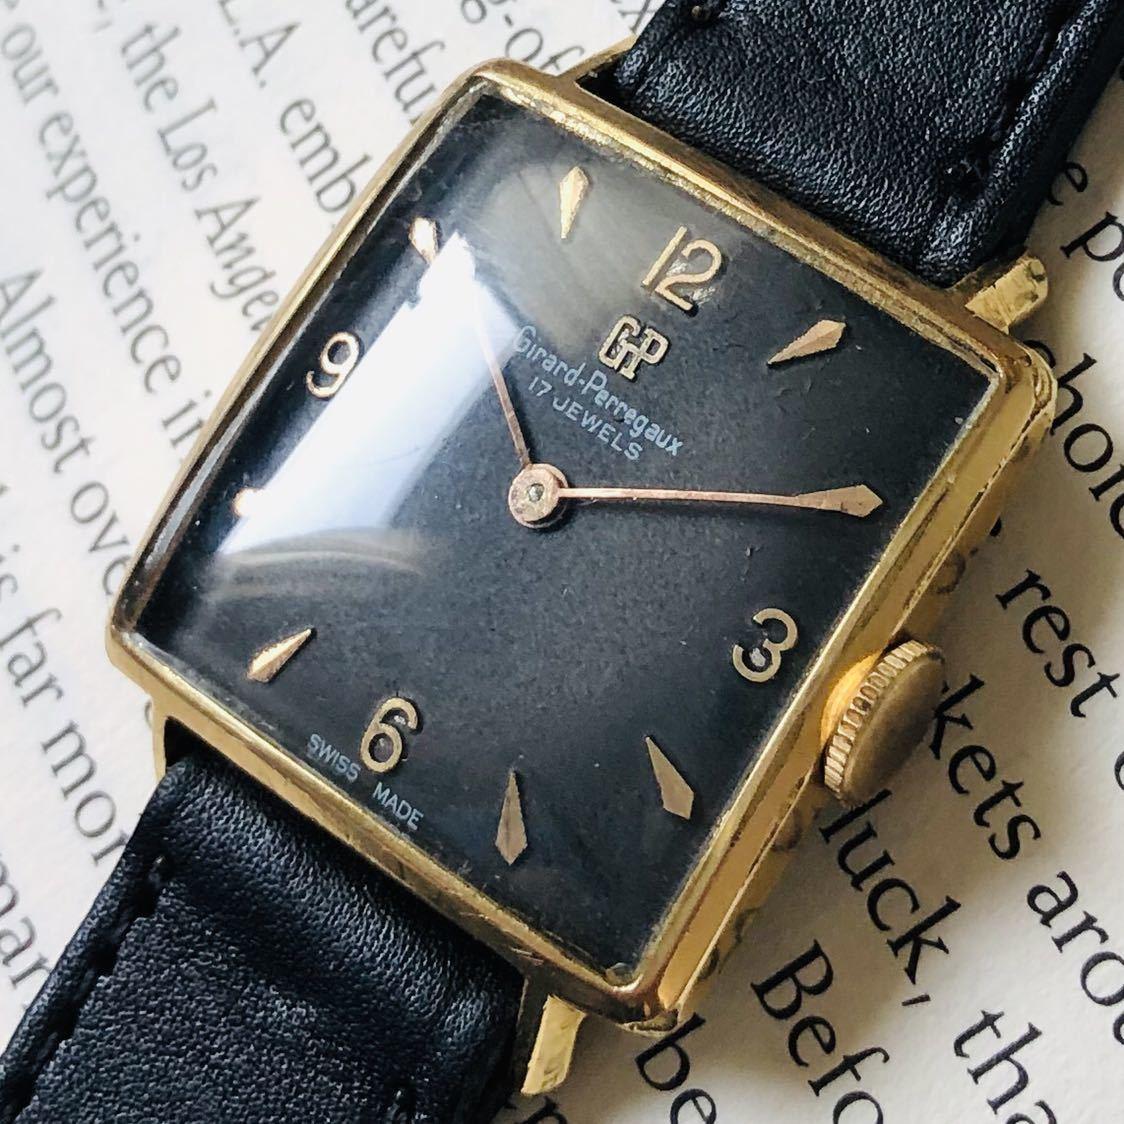 ★ジラールペルゴ GIRARD PERREGAUX★スクエア 黒文字盤 29mm ゴールドケース ブラック 手巻き メンズ 腕時計 アンテーク ヴィンテージ_画像2